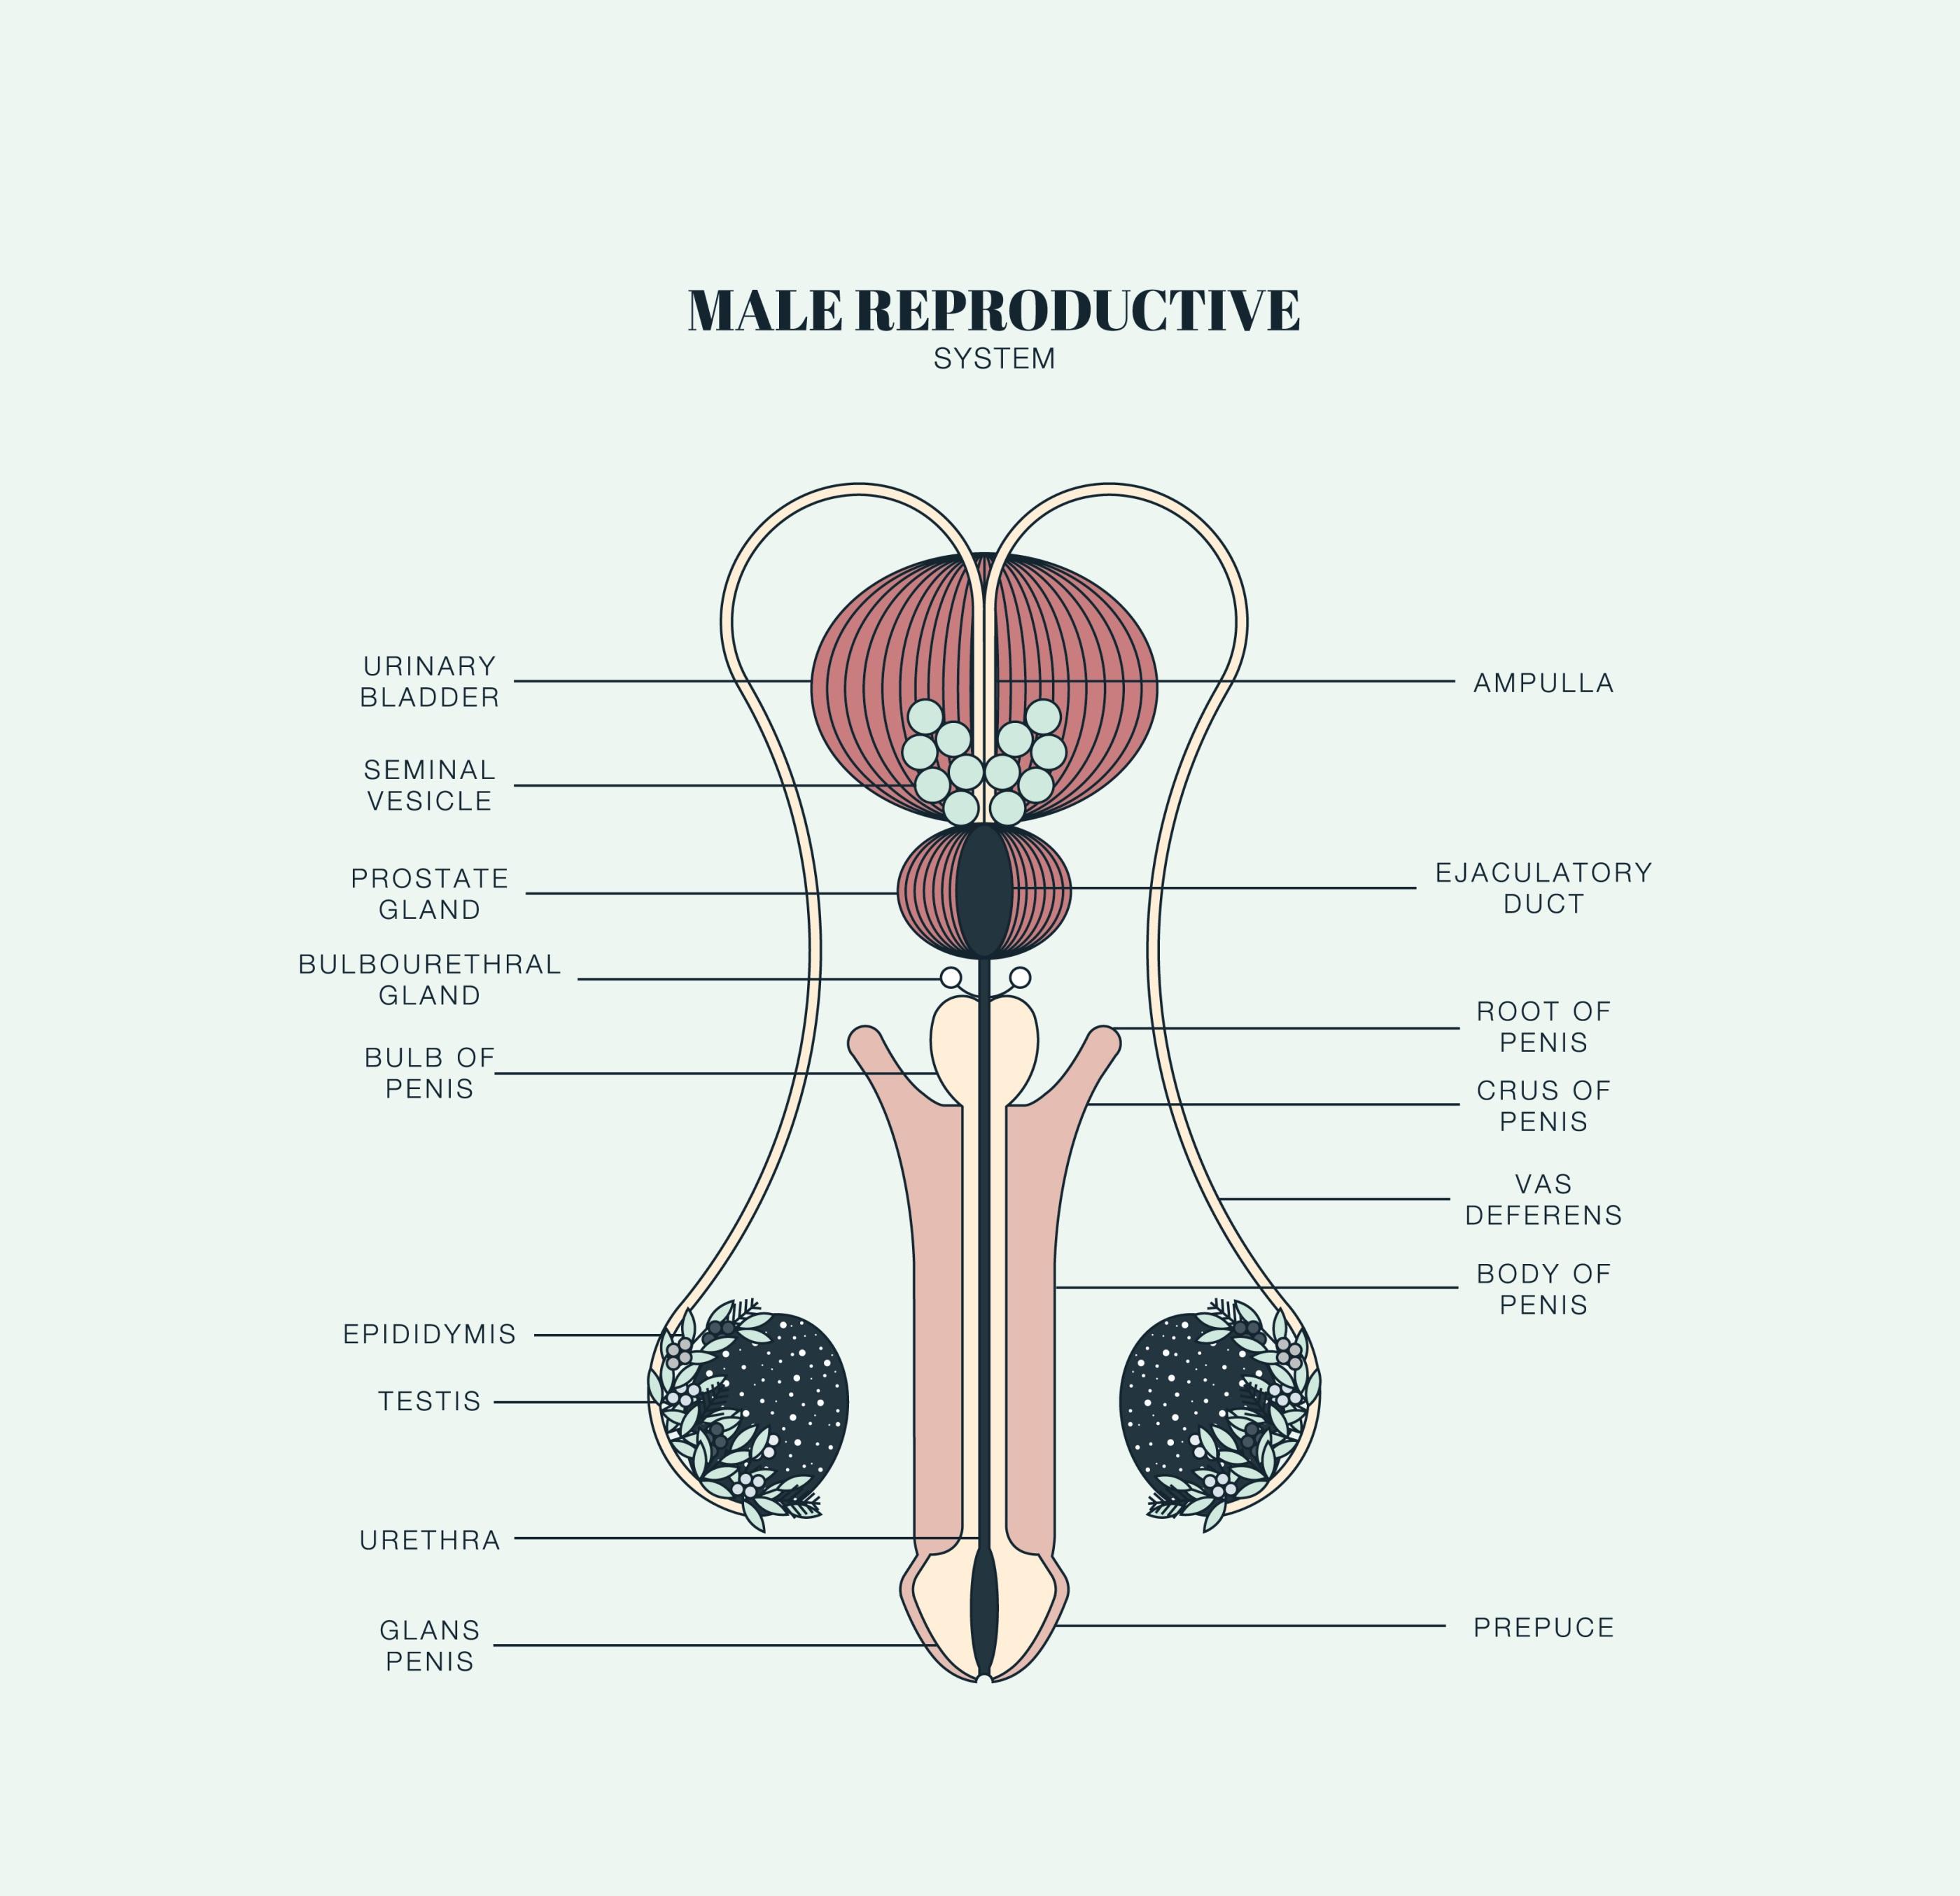 öka fertilitet män